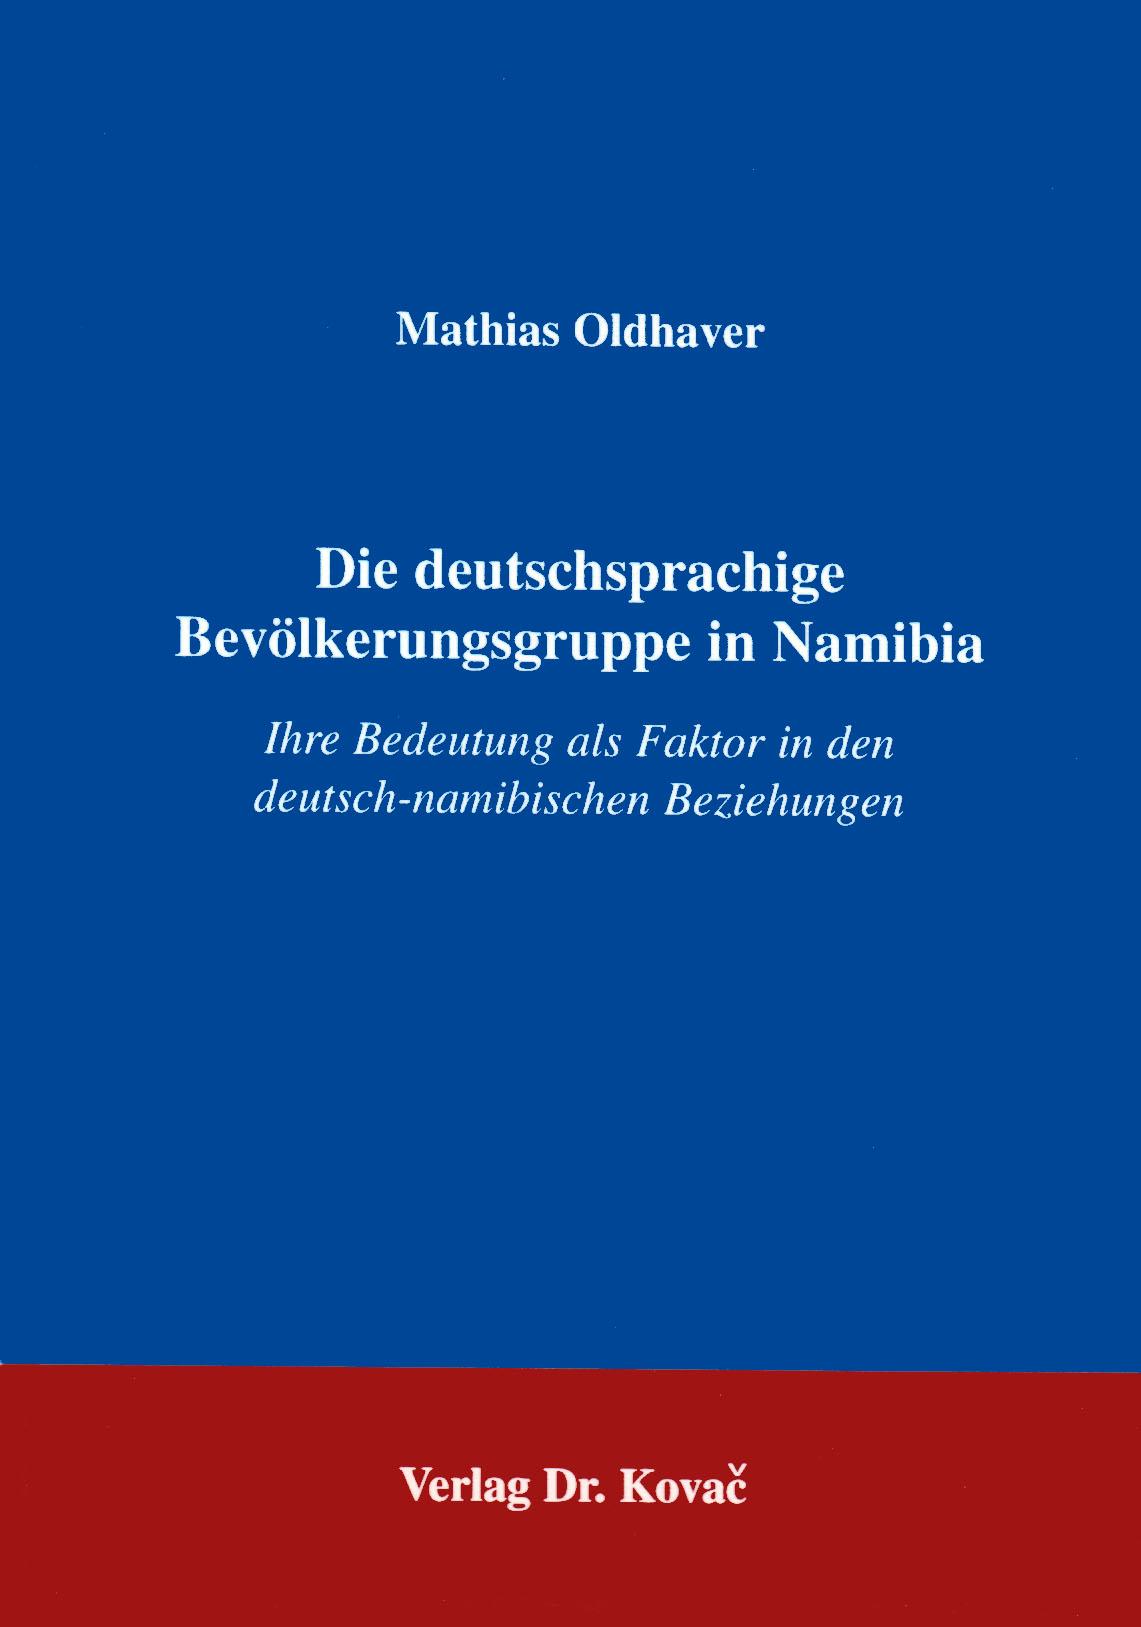 Cover: Die deutschsprachige Bevölkerungsgruppe in Namibia